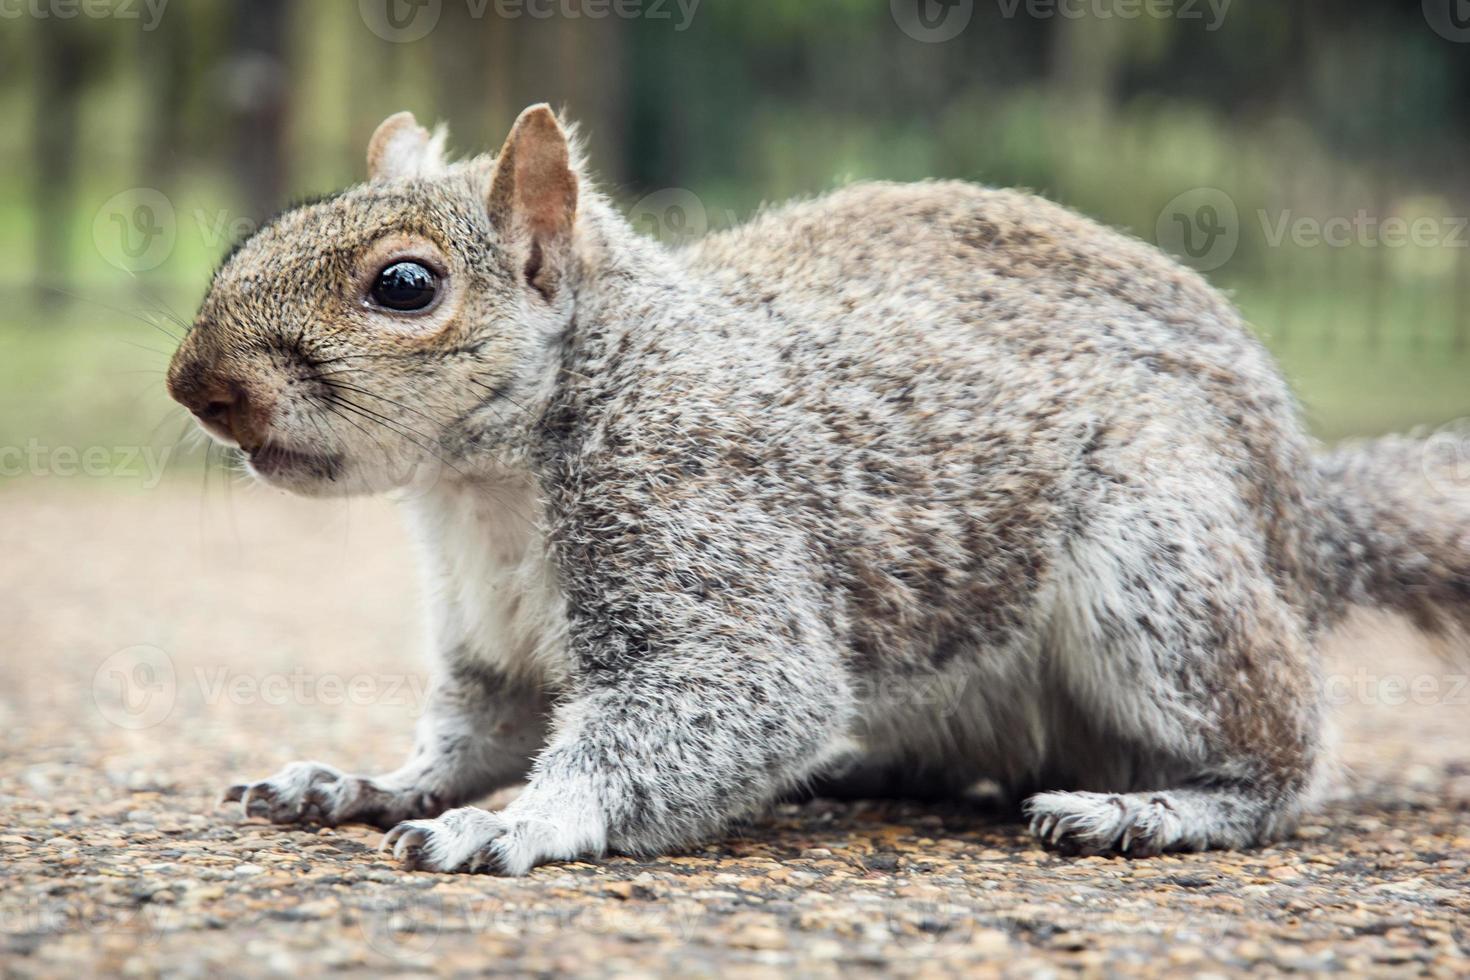 écureuil mignon photo